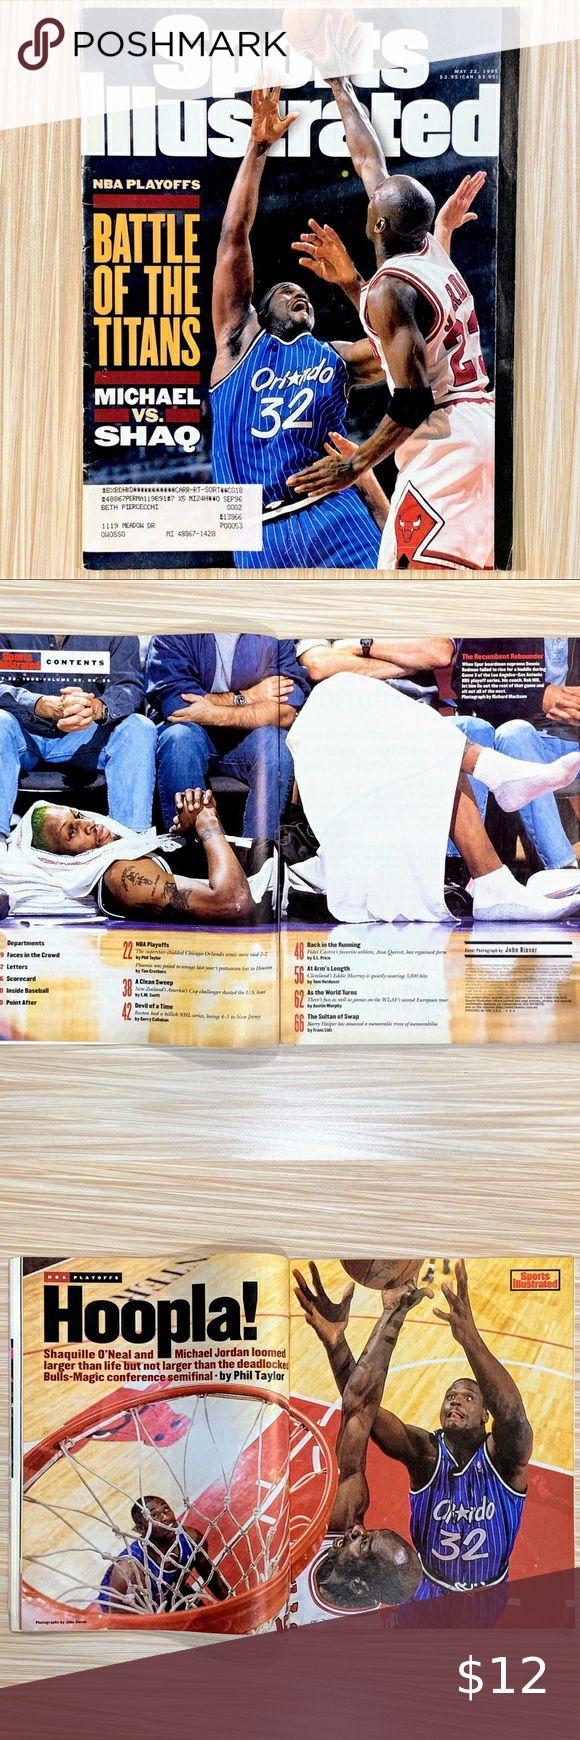 Sports Illustrated May 1995 Jordan Vs Shaq Battle Sports